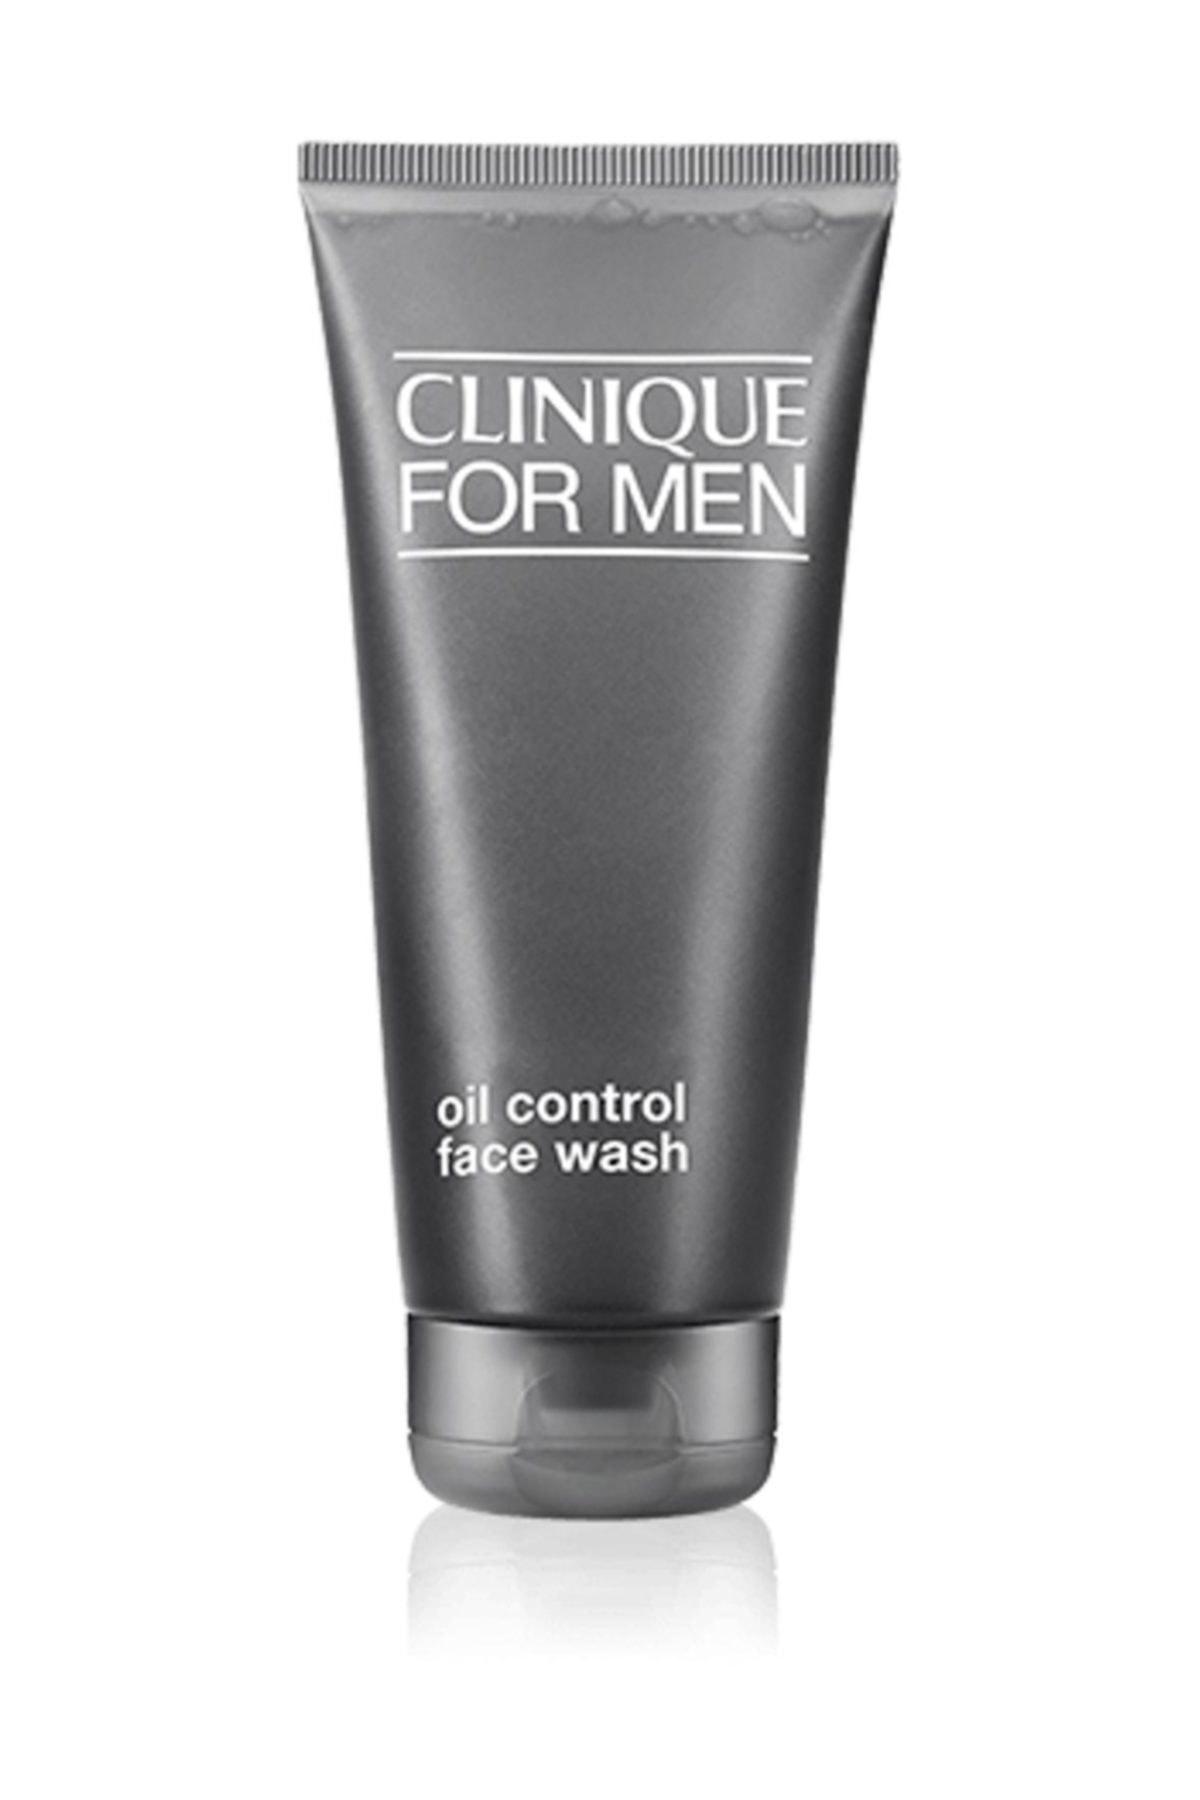 Clinique Erkekler İçin Yağlı Ciltlere Özel Yüz Temizleme Jeli 200 ml 020714672096 1